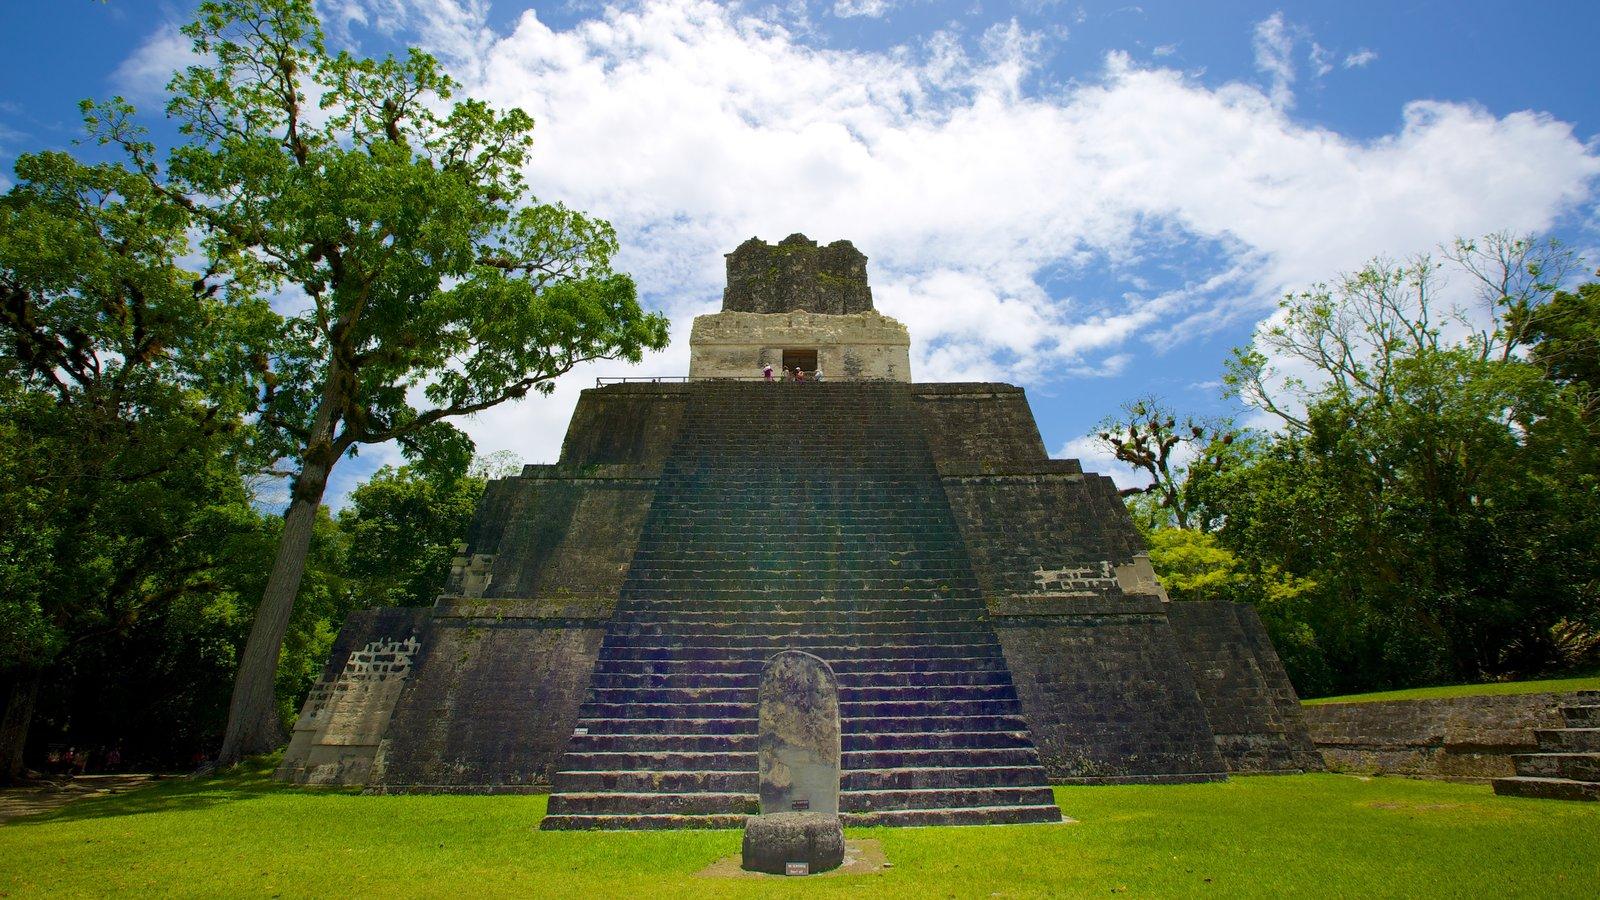 Tikal mostrando uma ruína, elementos de patrimônio e arquitetura de patrimônio